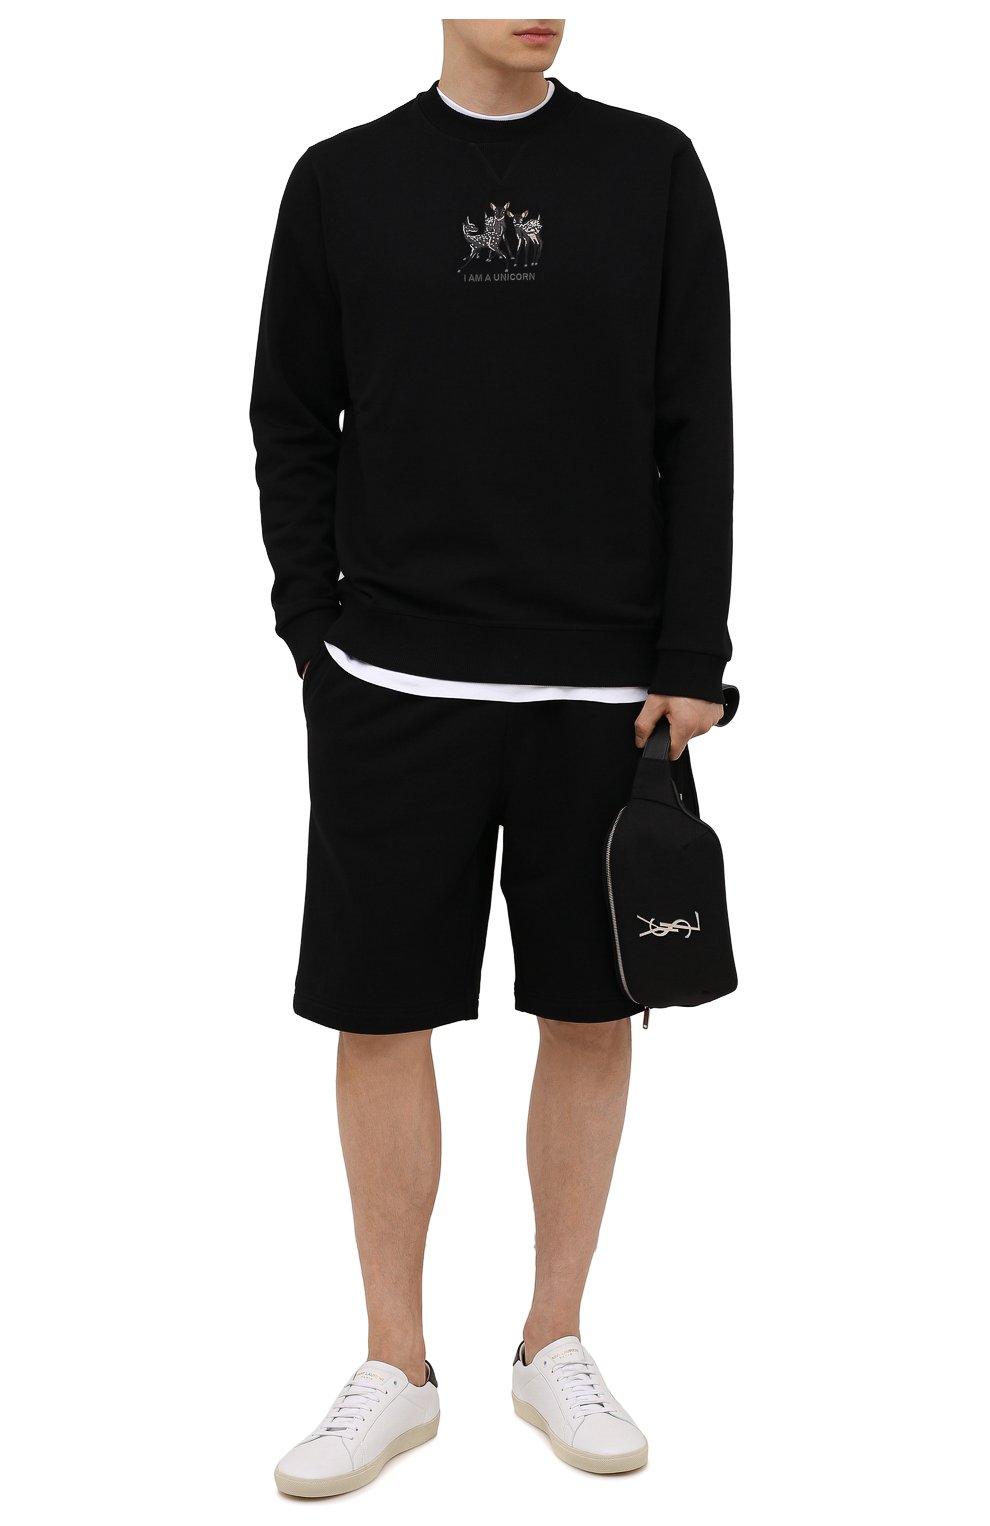 Мужские хлопковые шорты BURBERRY черного цвета, арт. 8043279 | Фото 2 (Длина Шорты М: Ниже колена; Принт: С принтом; Кросс-КТ: Трикотаж; Материал внешний: Хлопок; Стили: Спорт-шик)